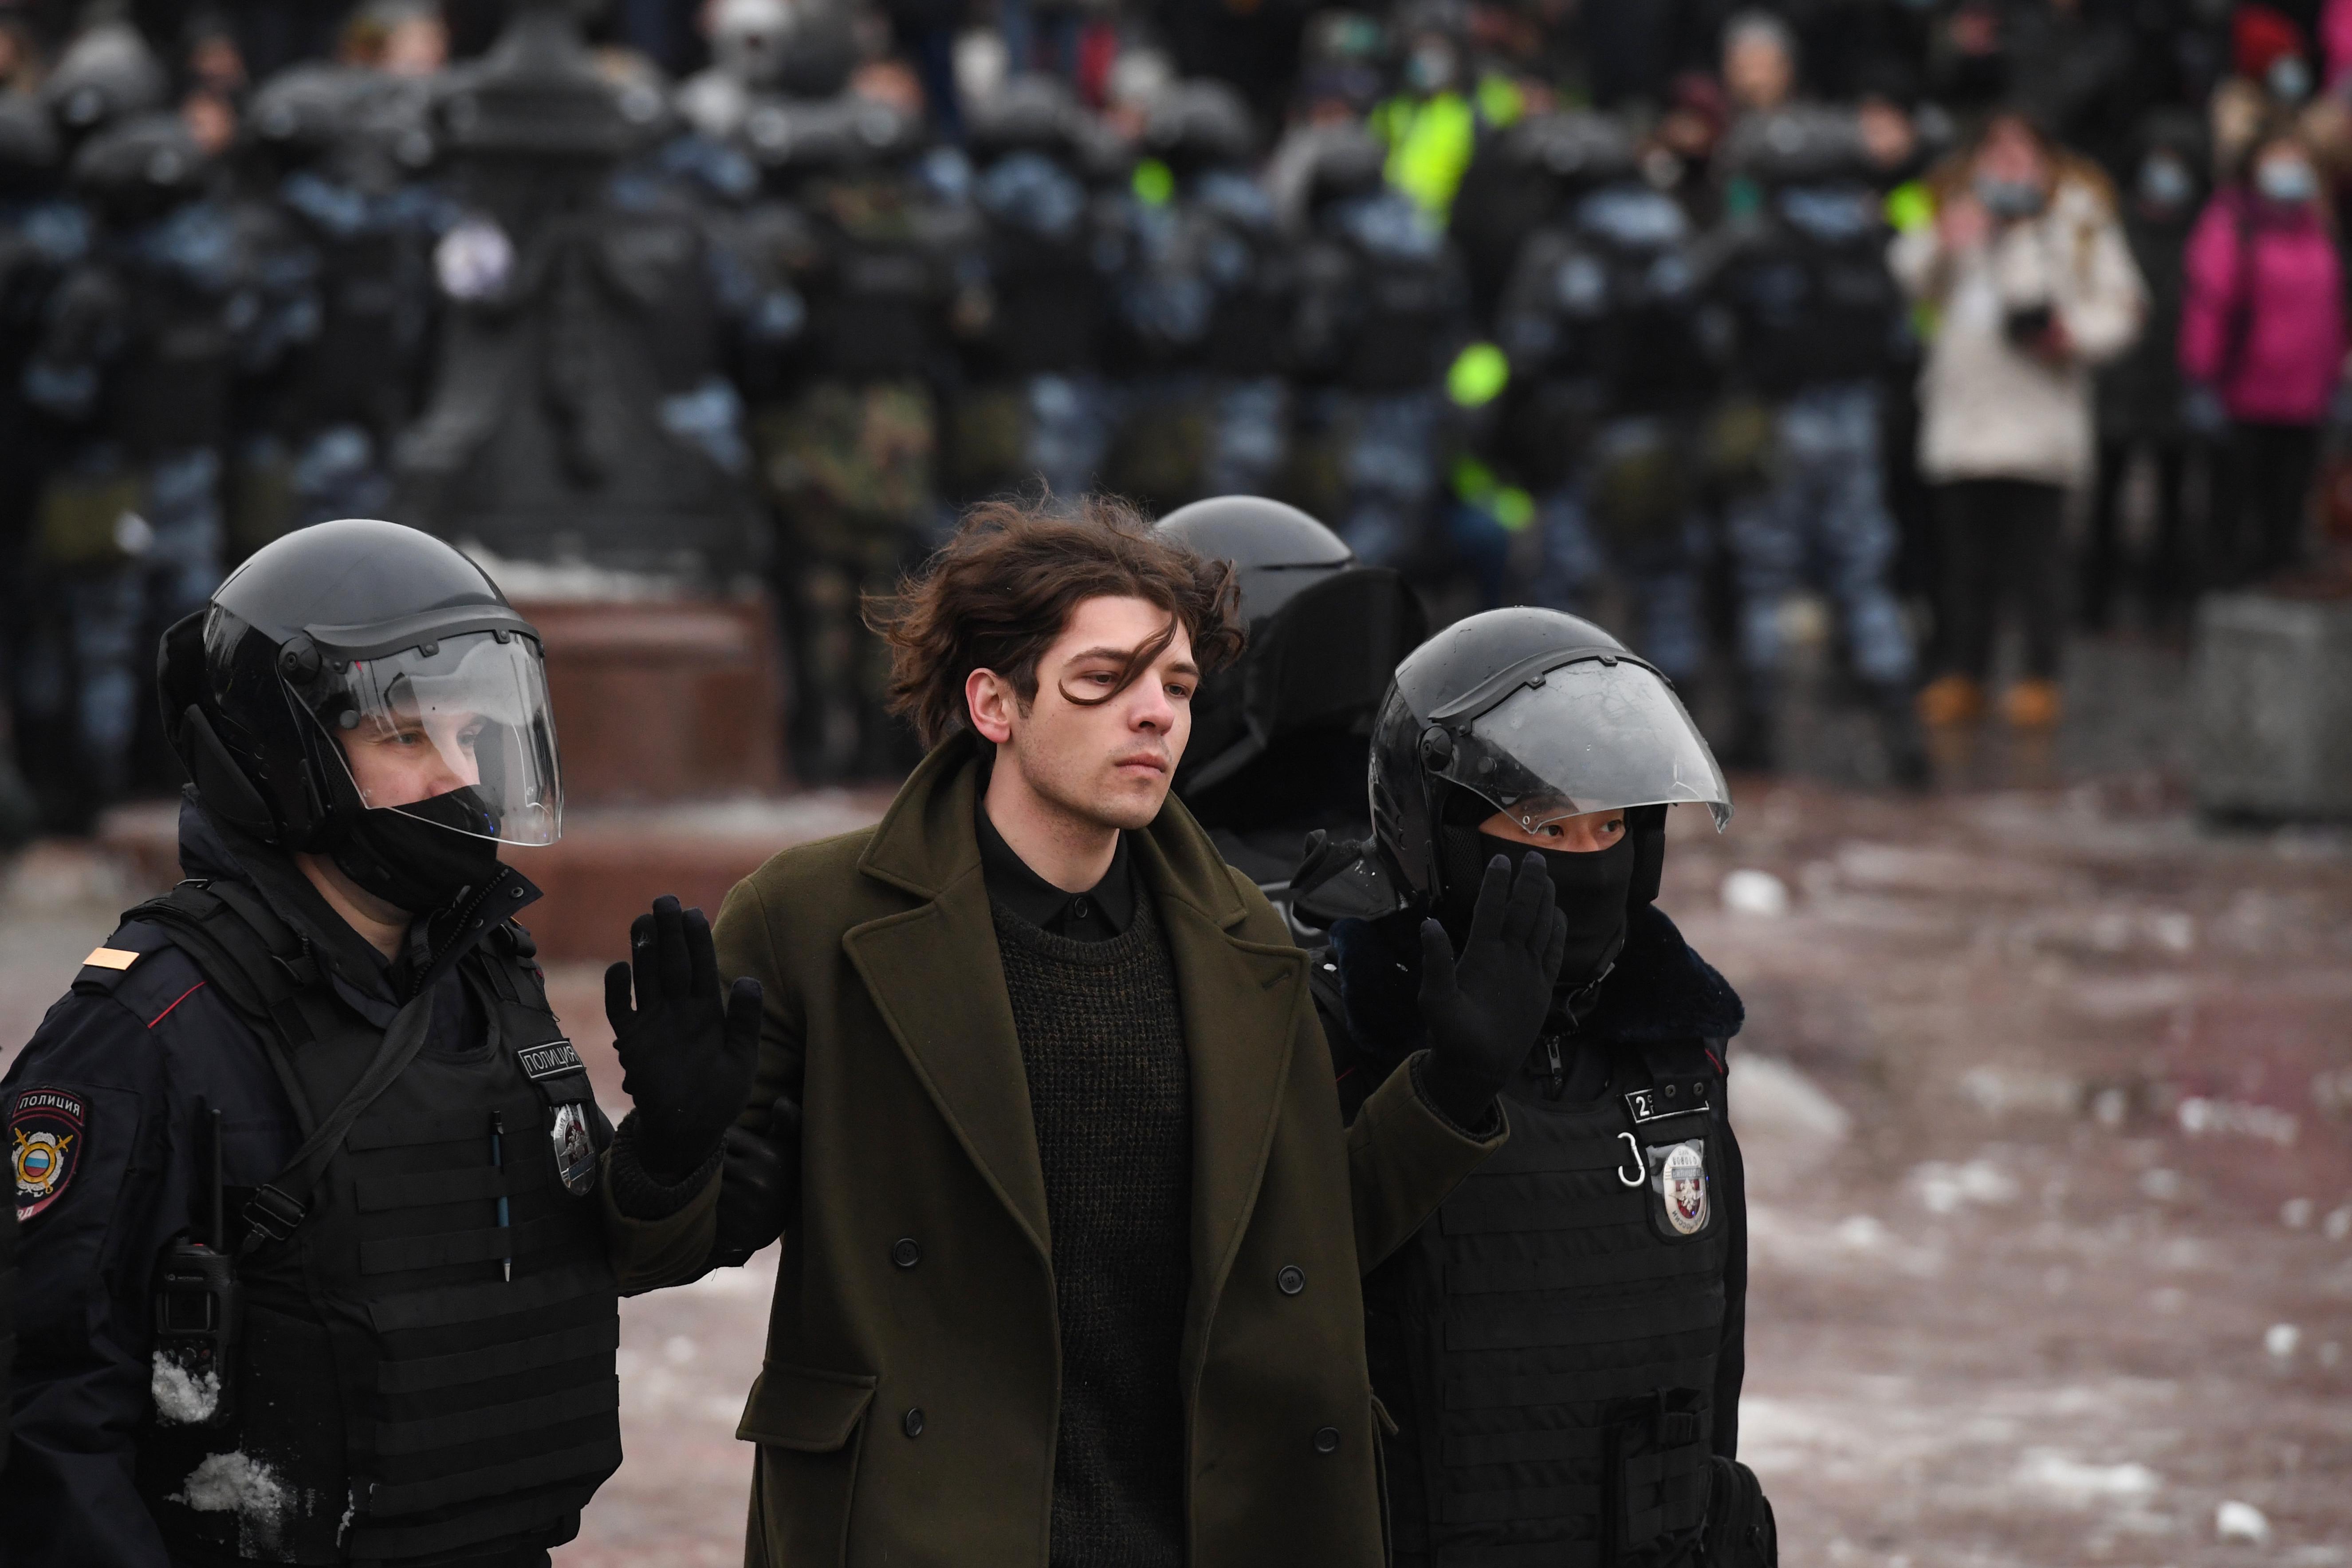 A Kreml bevetette a propagandafegyvert a tüntetőkkel szemben